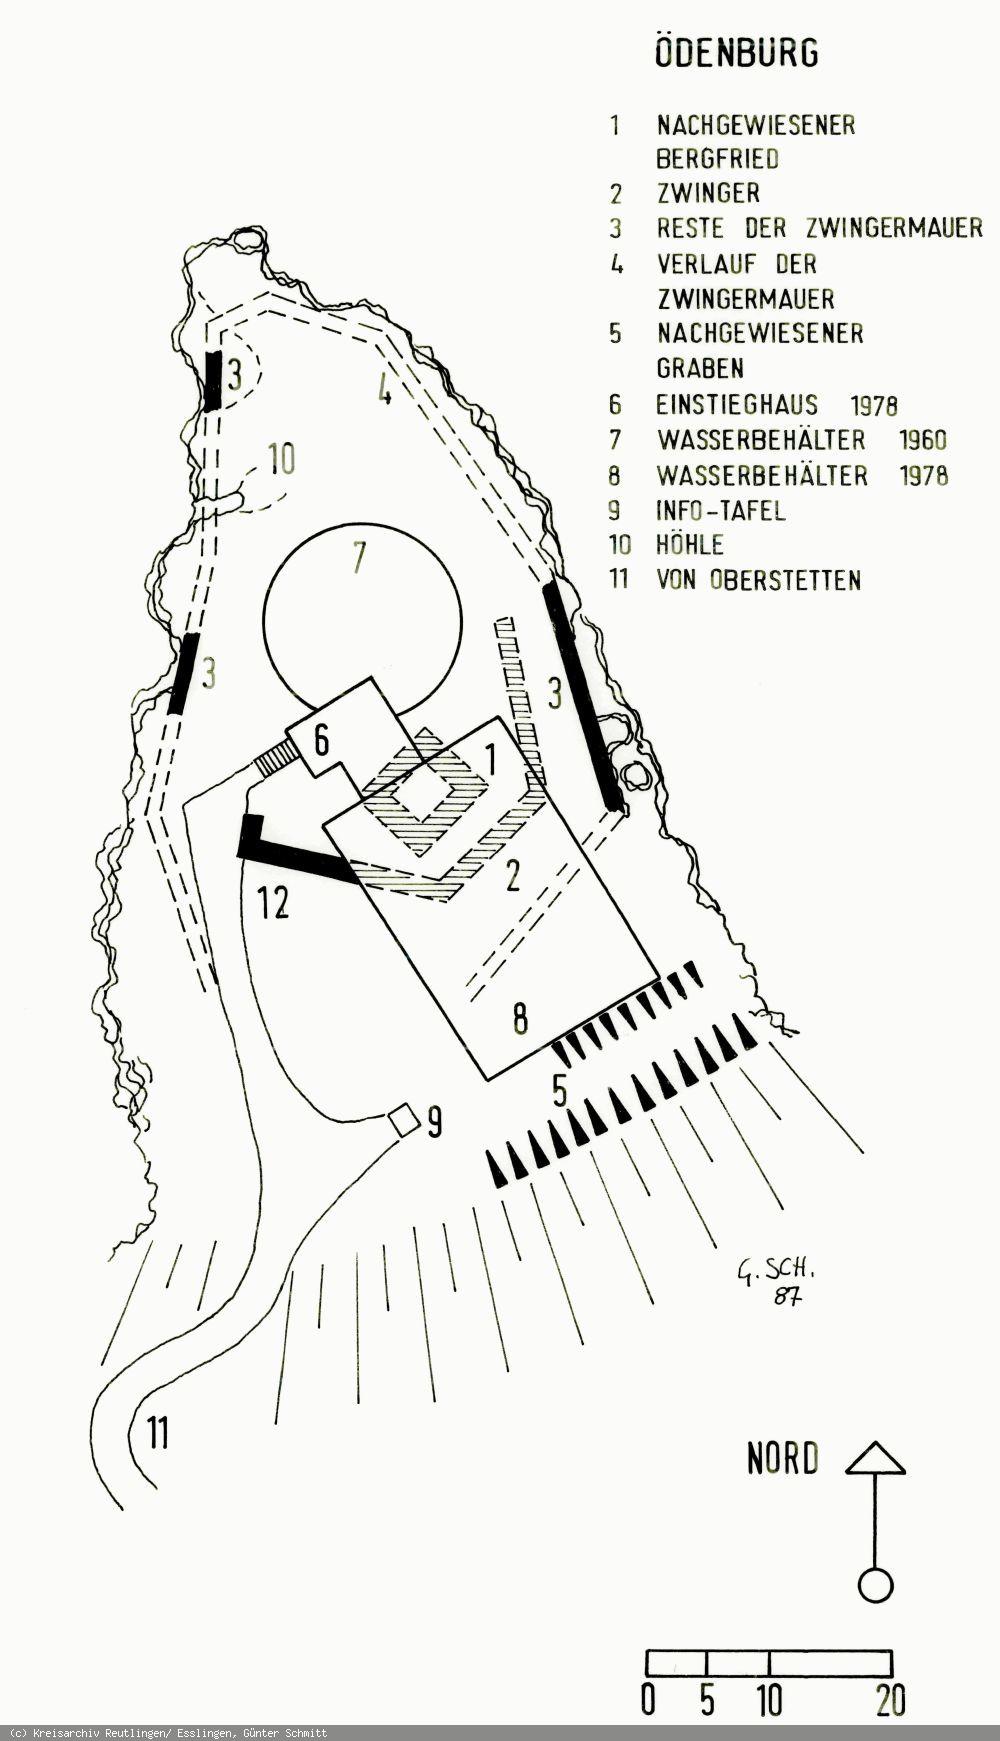 Lageplan der Ödenburg